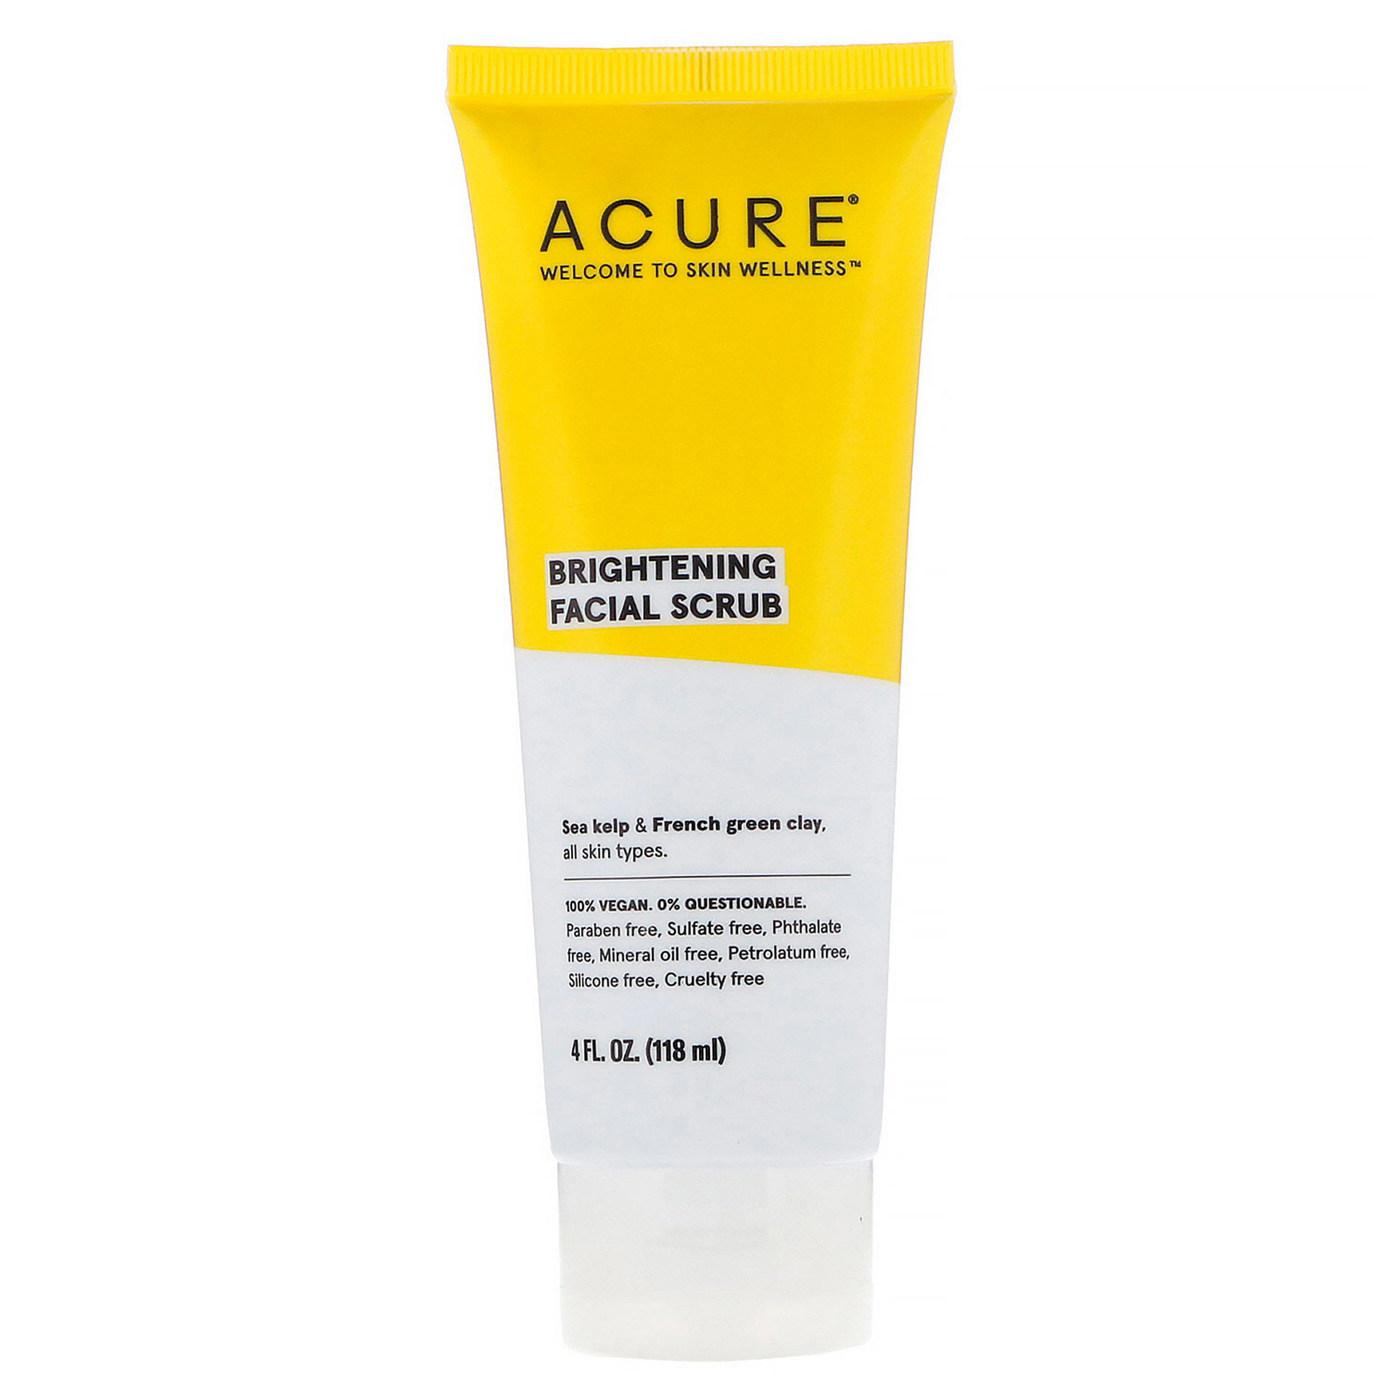 Acure Organics Brightening Facial Scrub - 4 fl oz